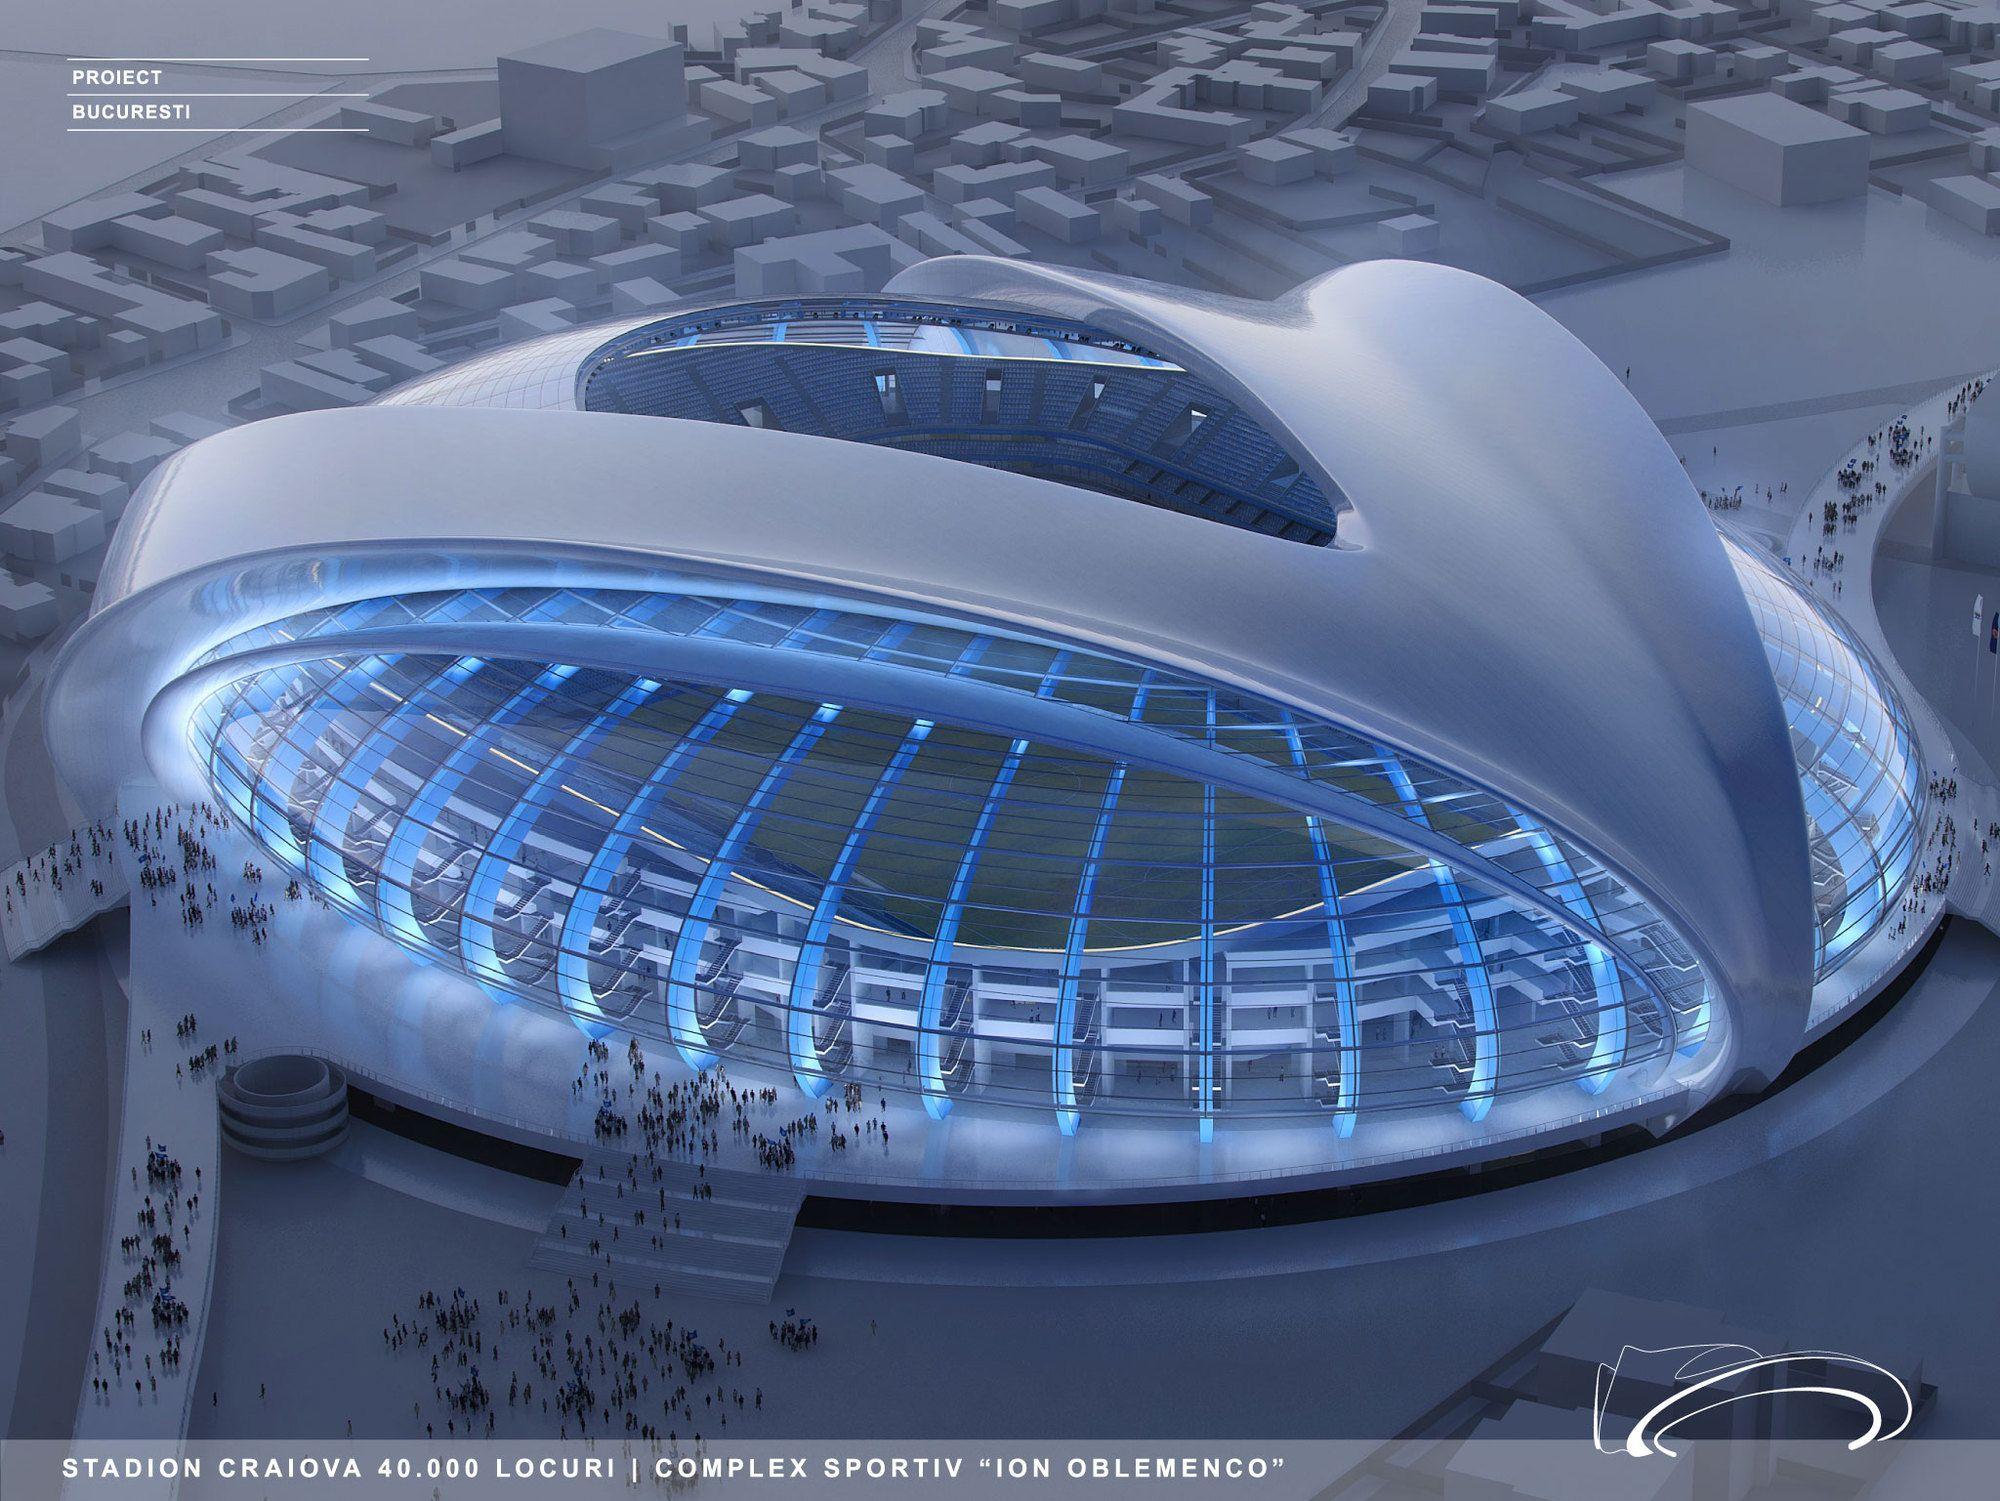 craiova football stadium proposal proiect bucuresti